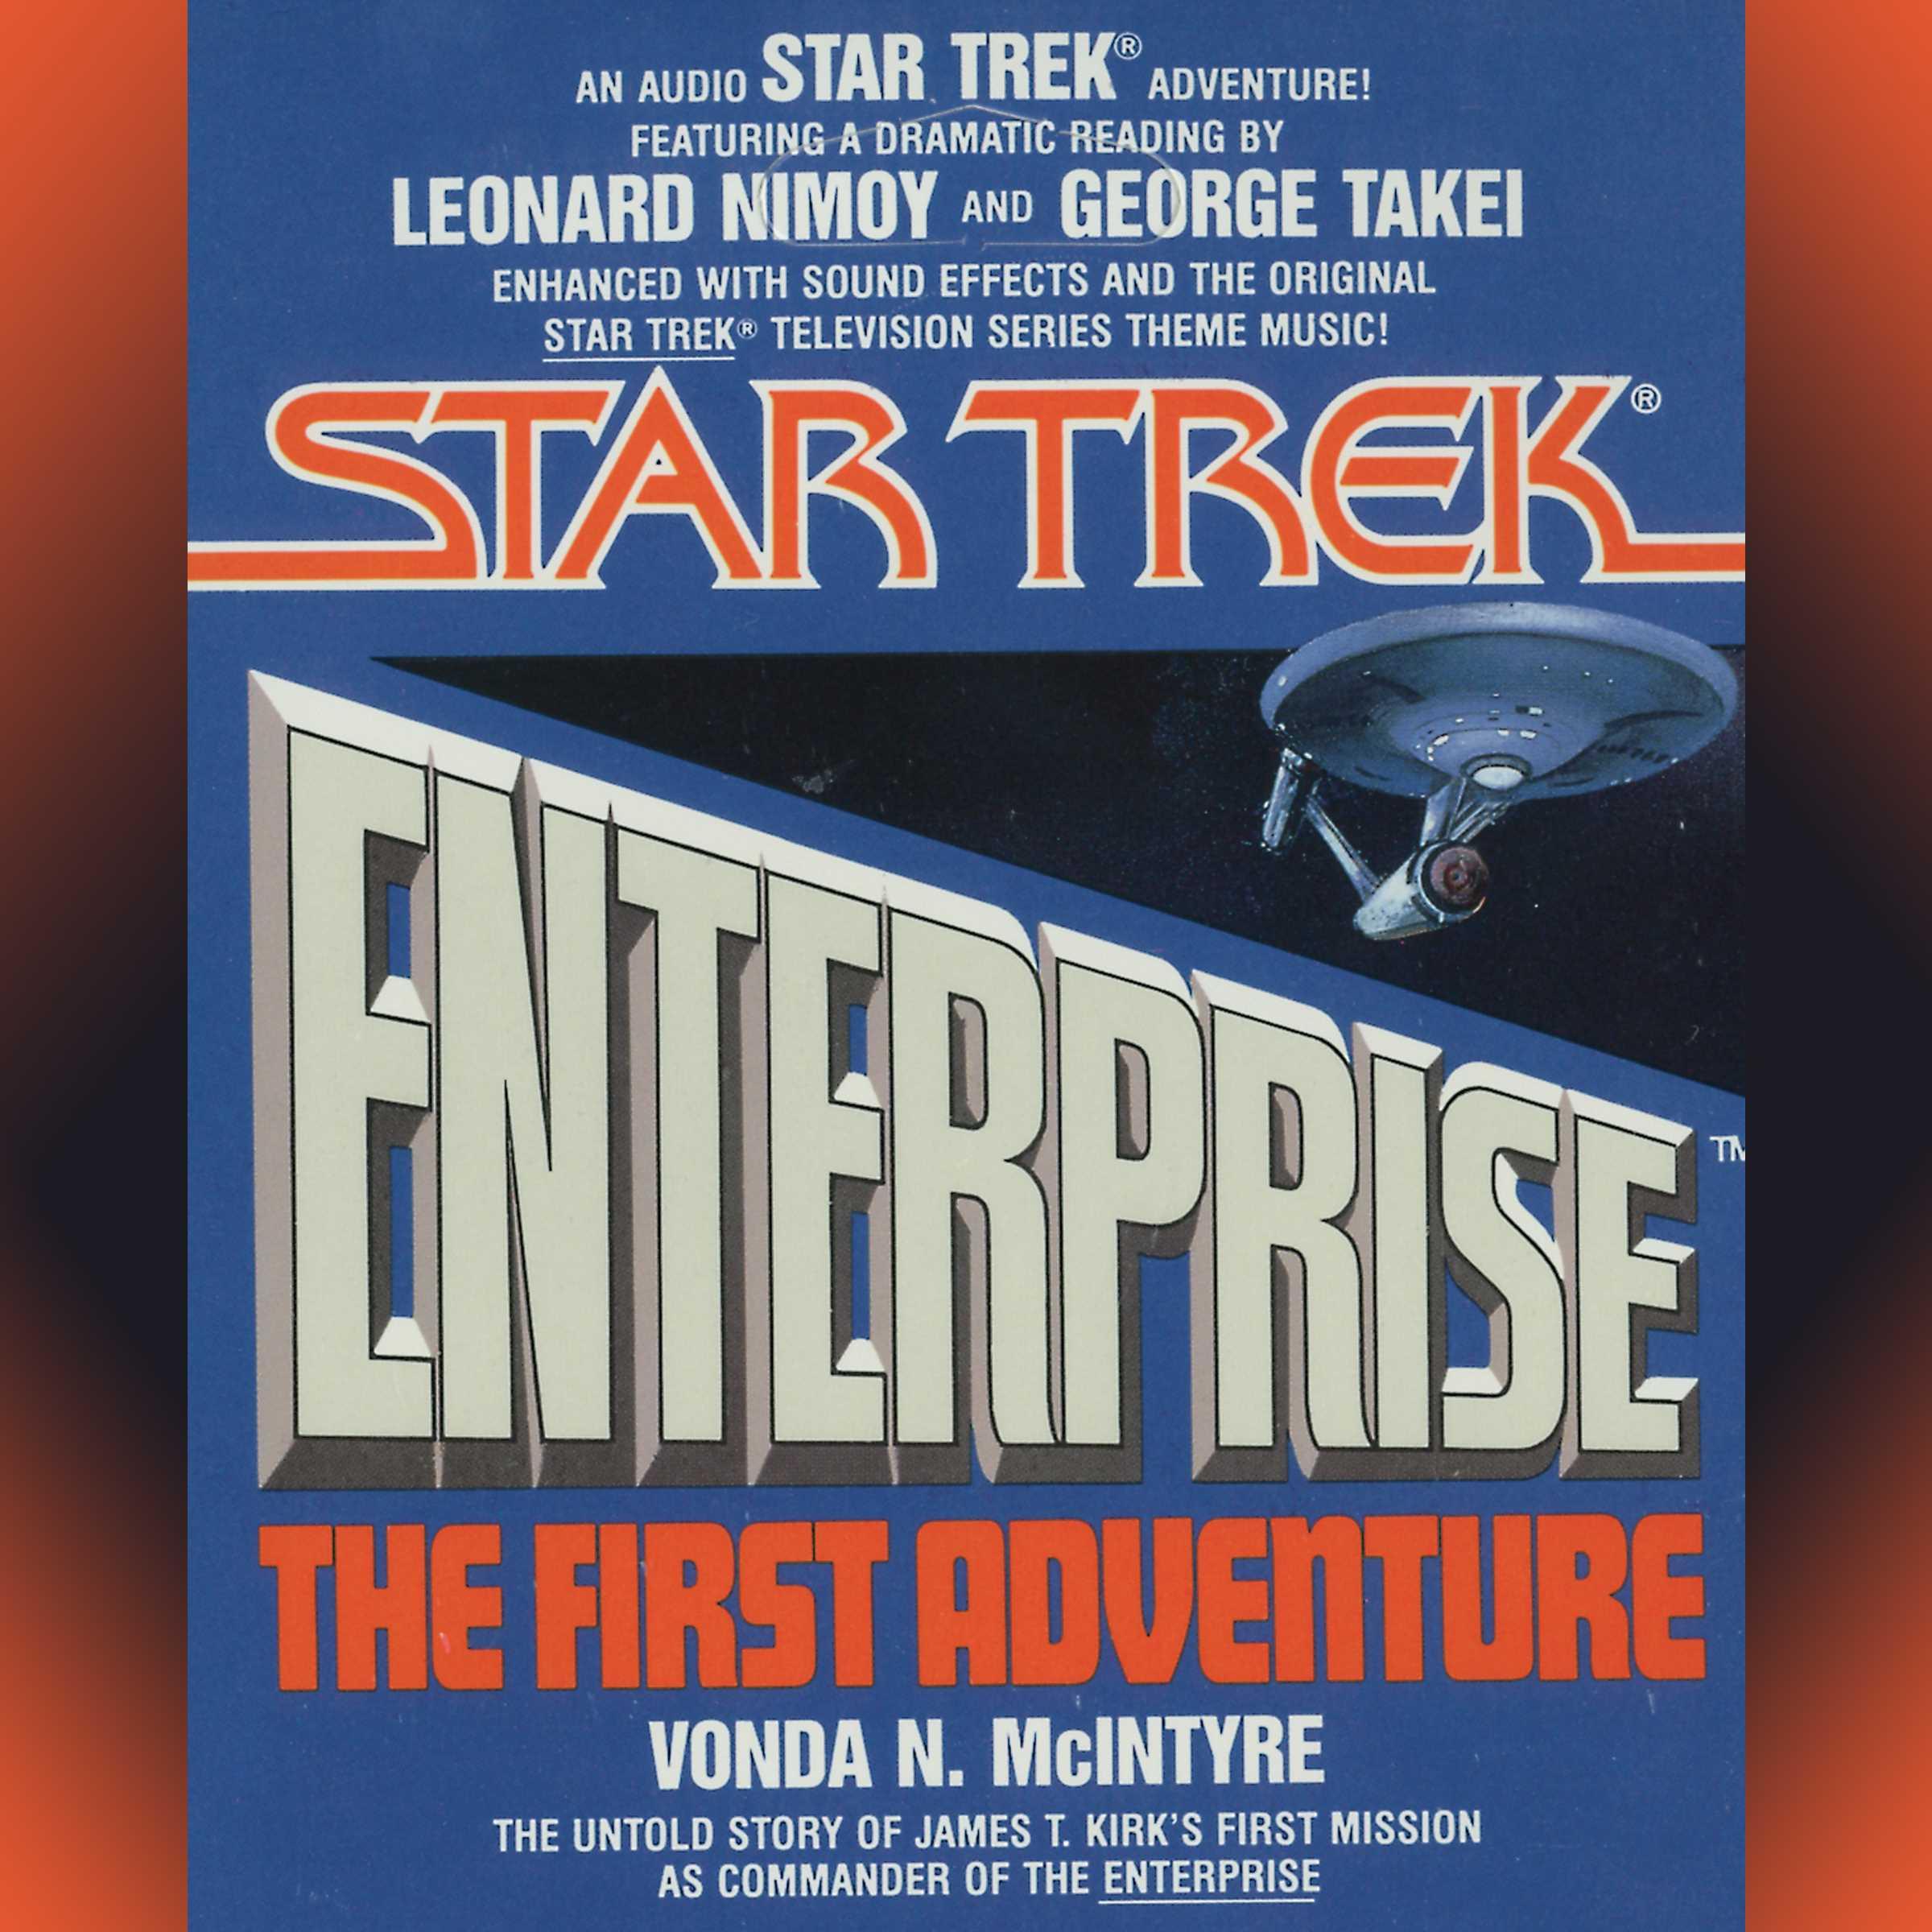 Star trek enterprise the first adventure 9780743542760 hr